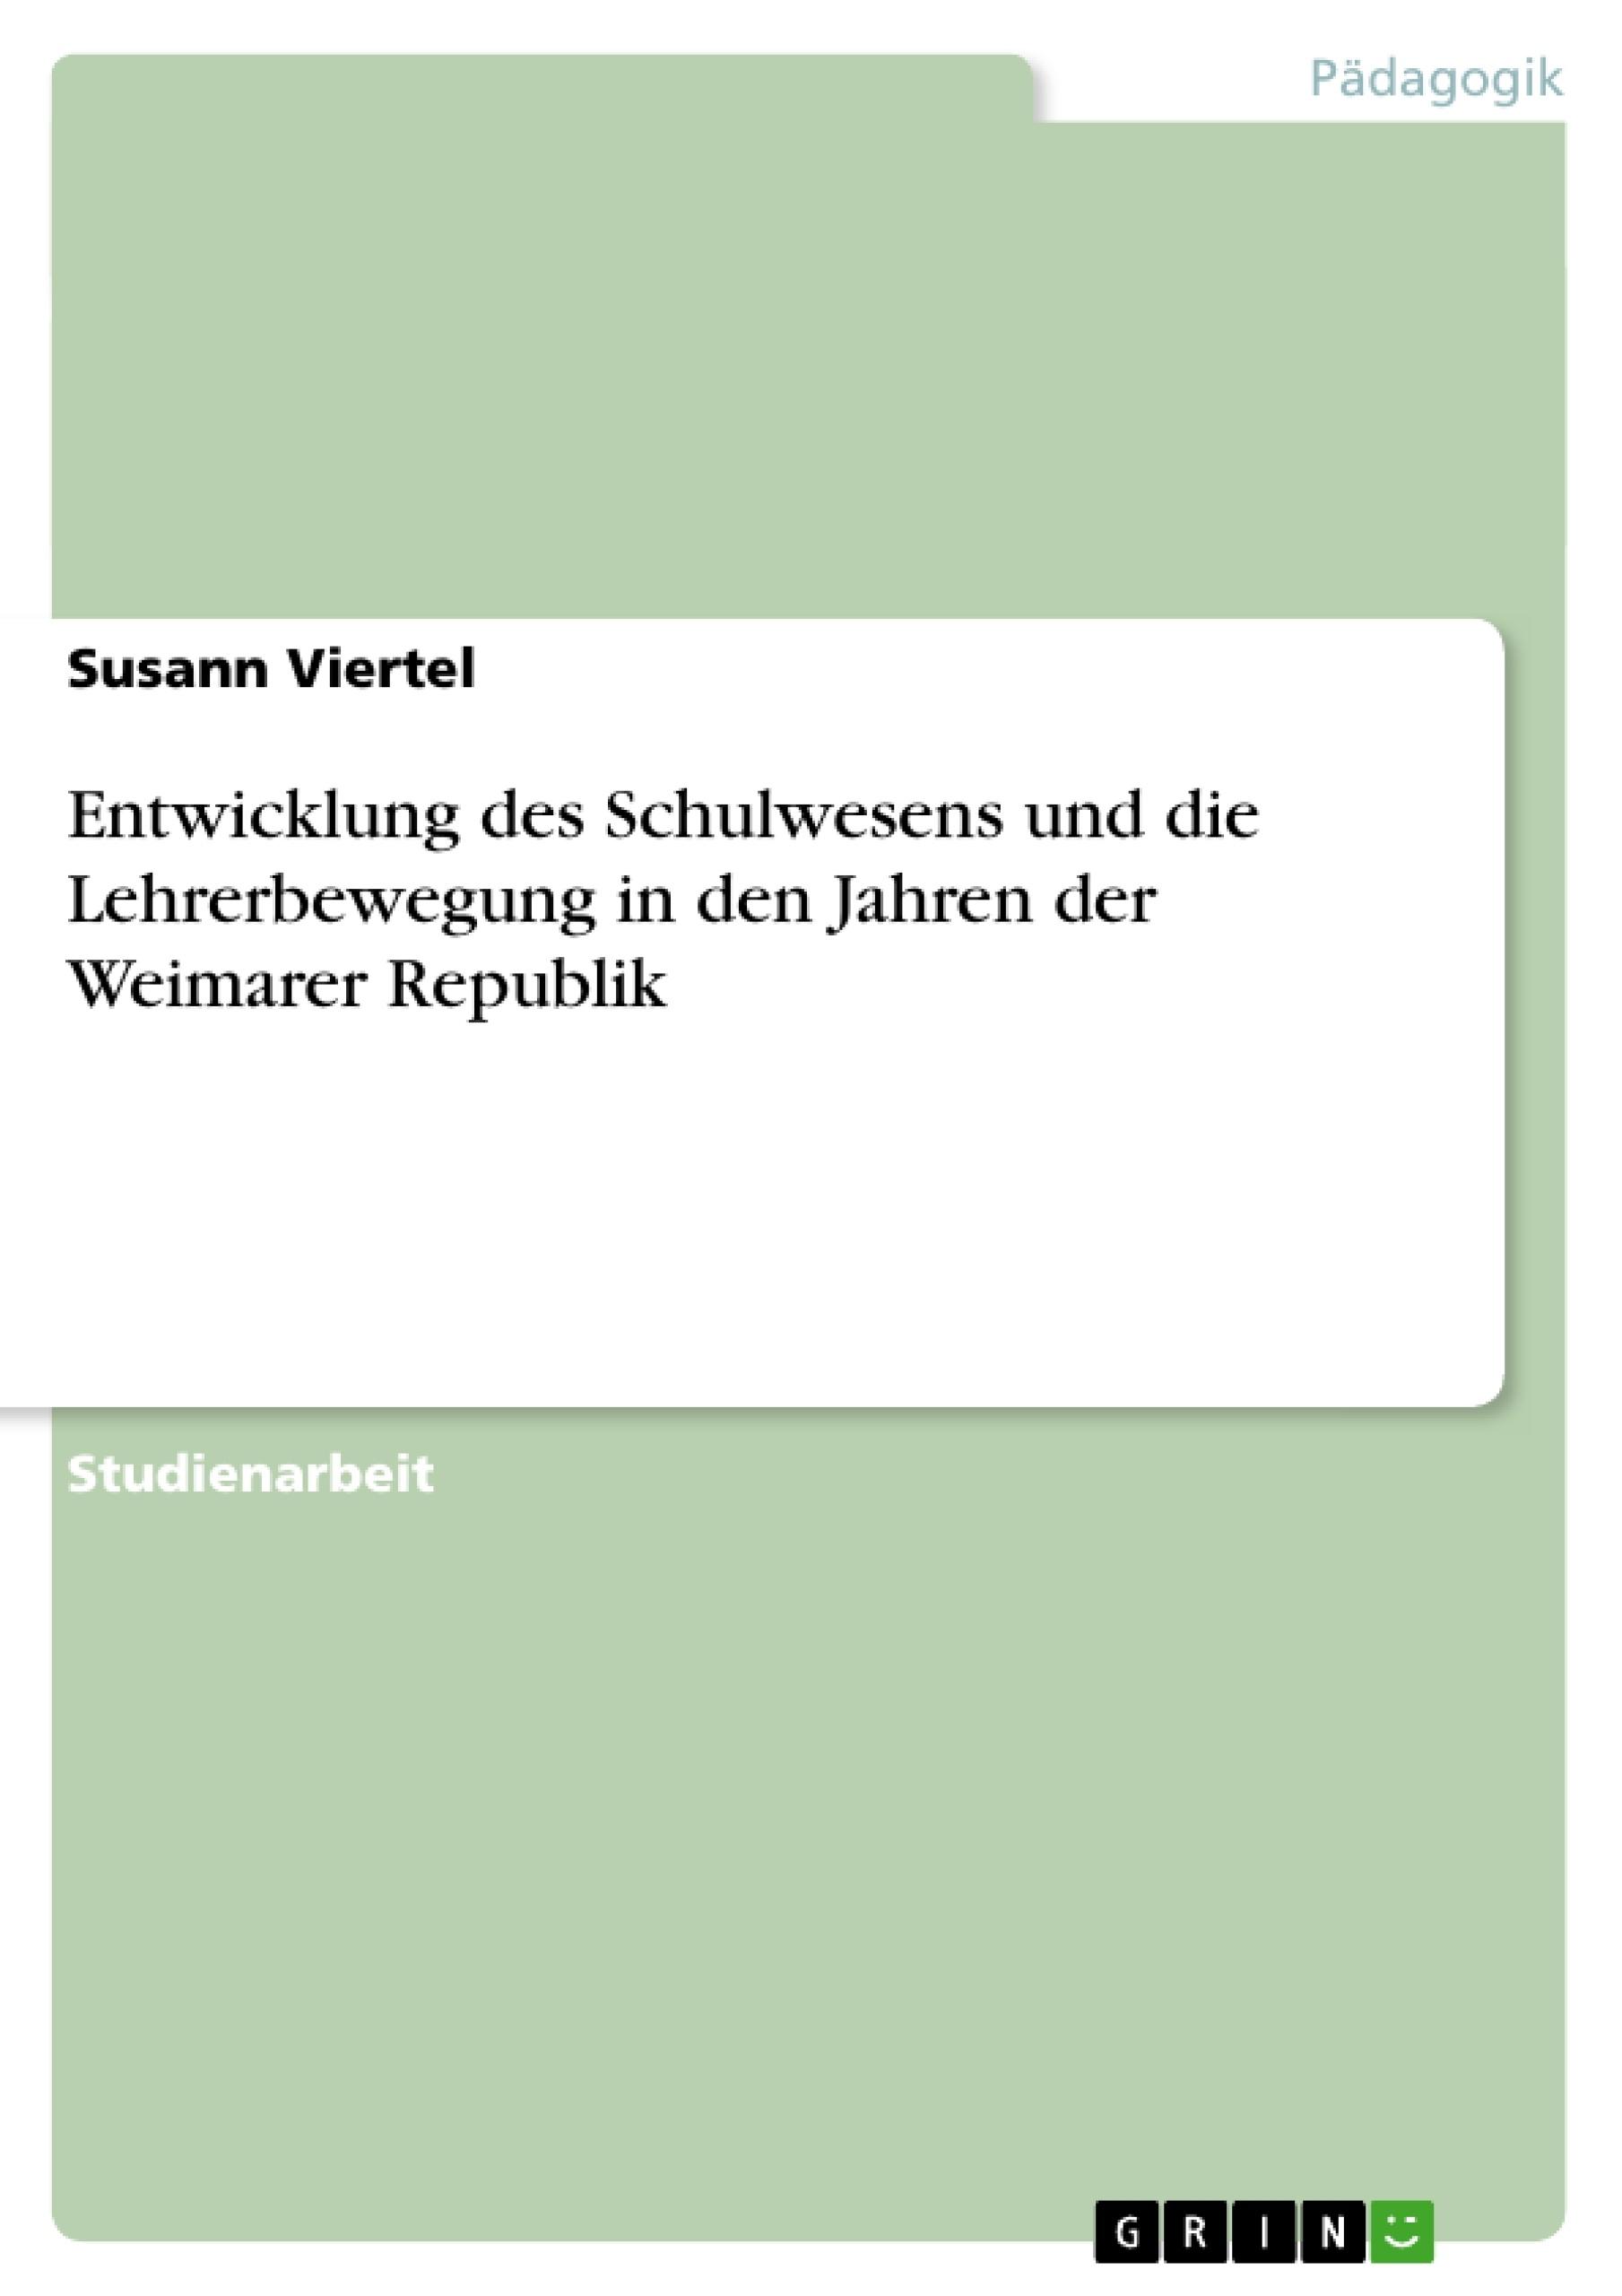 Titel: Entwicklung des Schulwesens und die Lehrerbewegung in den Jahren der Weimarer Republik